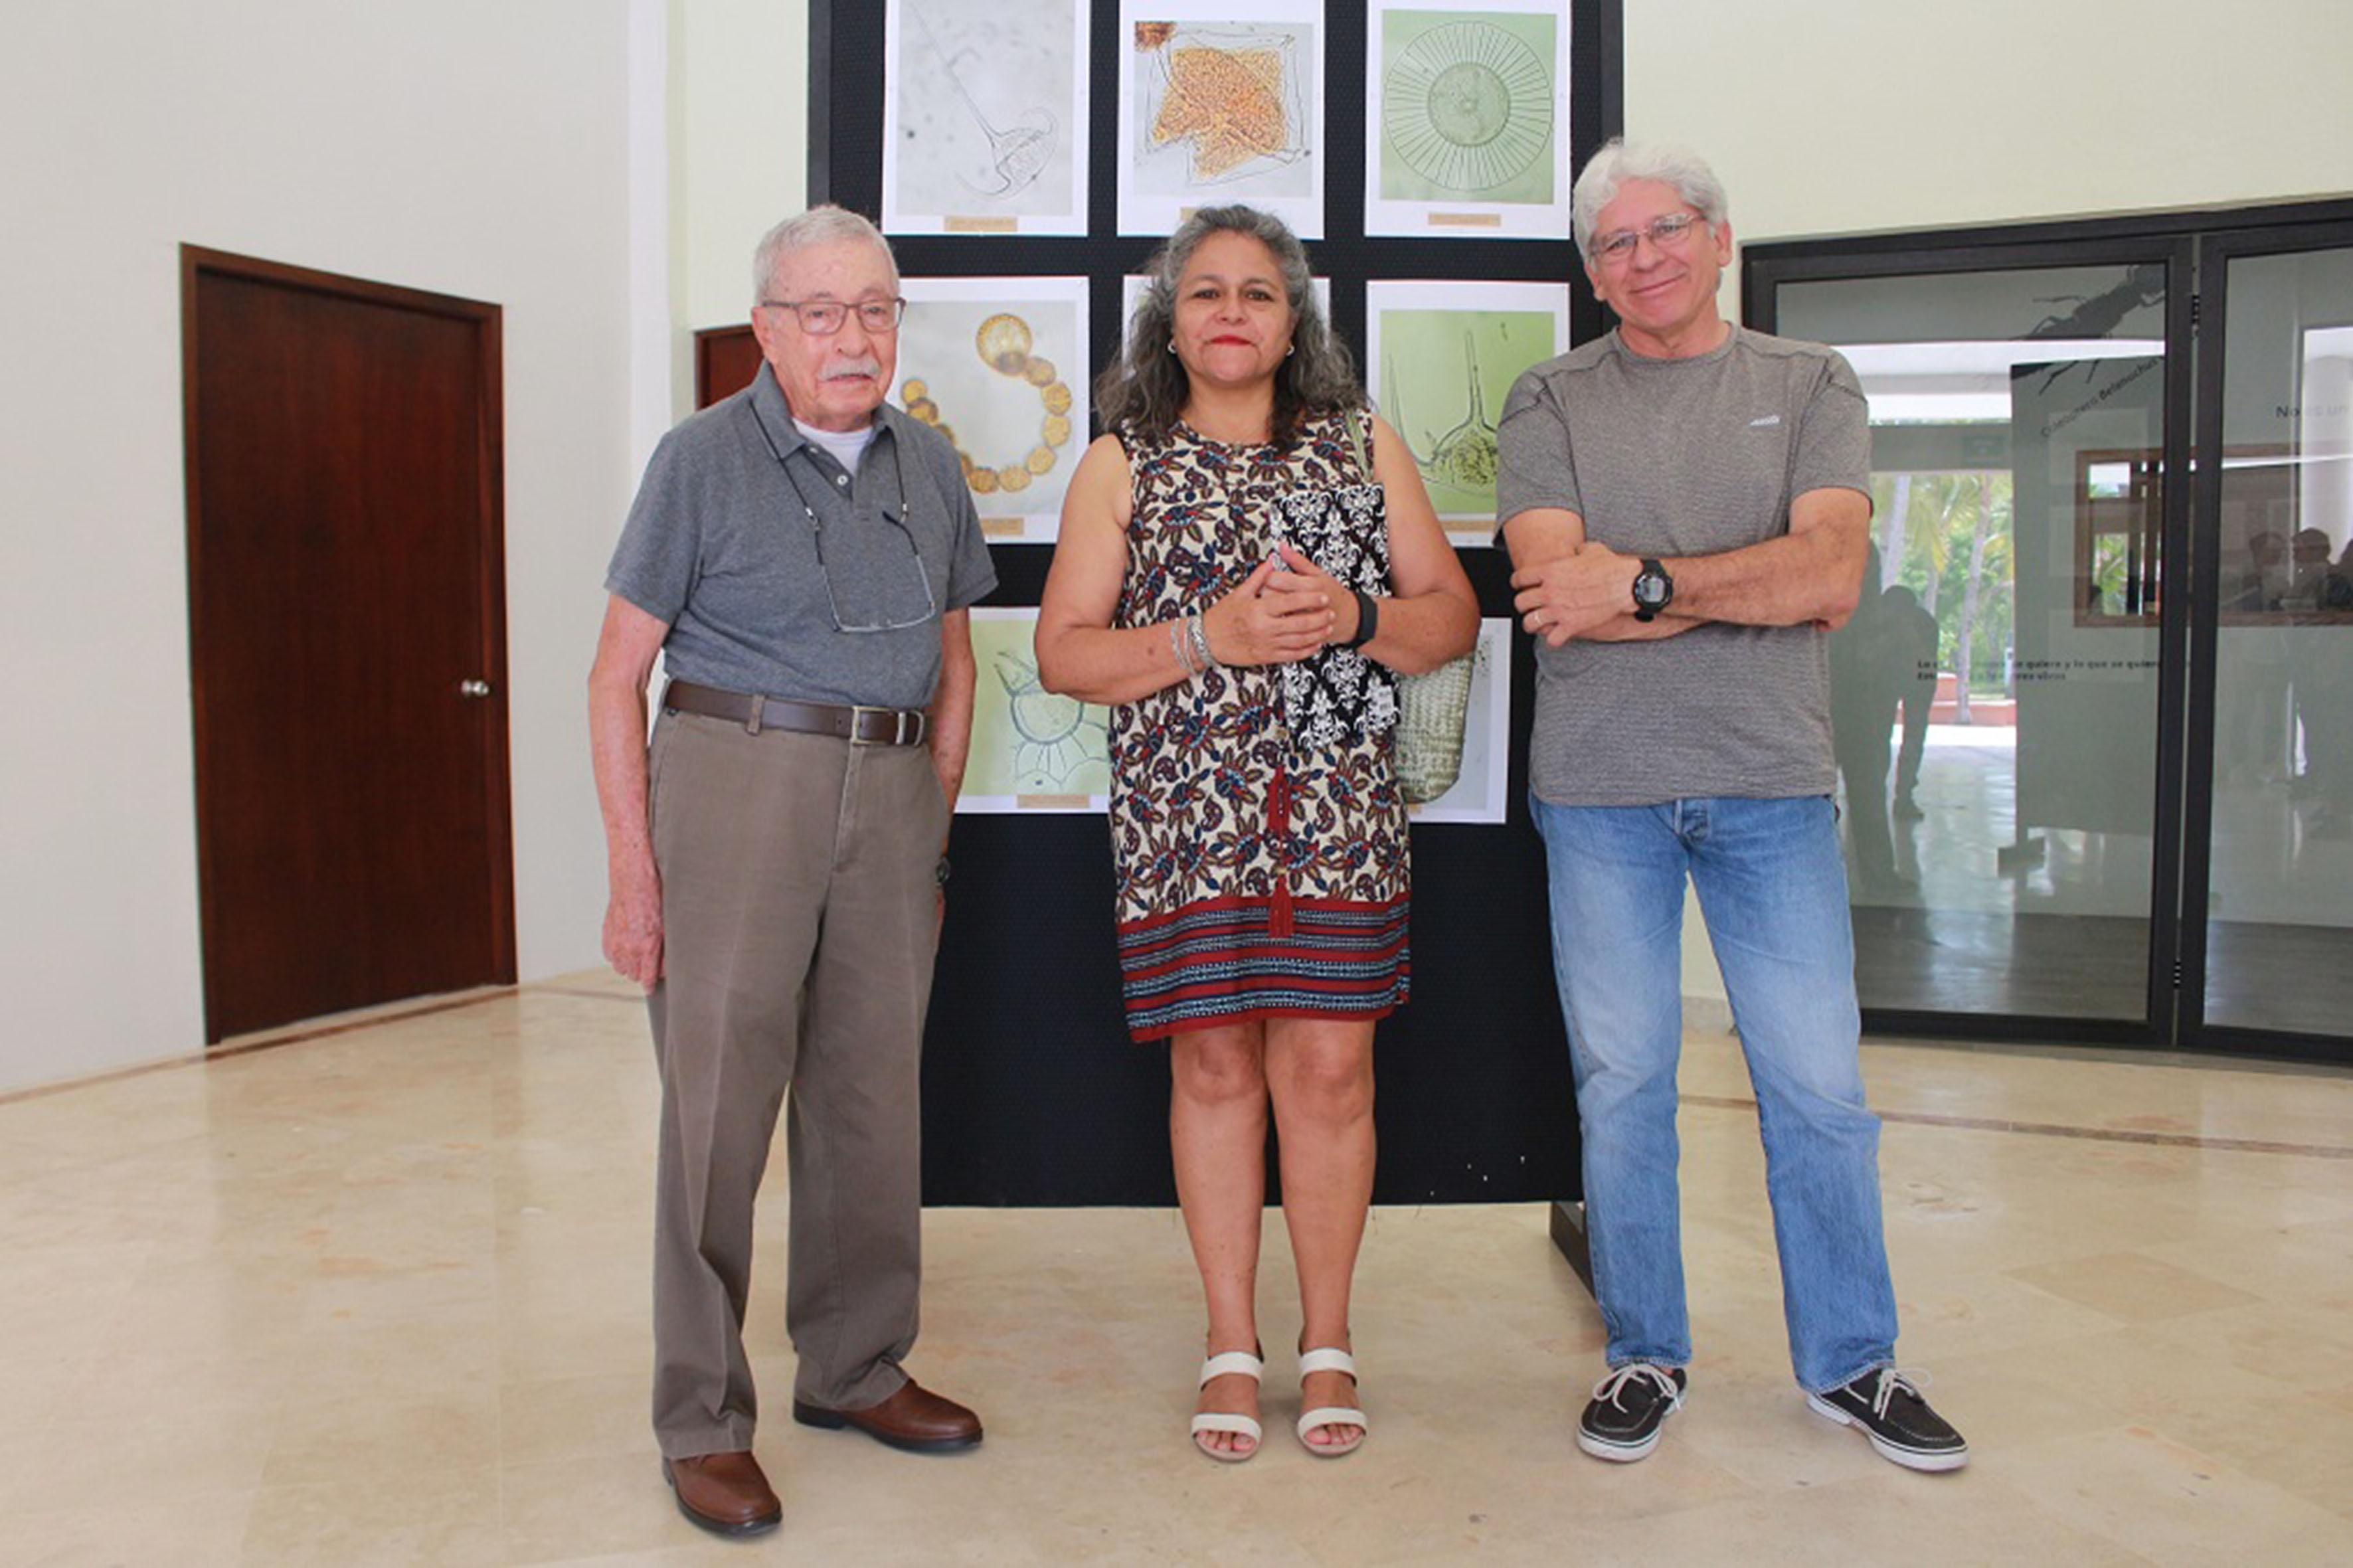 A la izquierda: el doctor Juan Luis Cifuentes Lemus, al centro la doctora María del Carmen Cortés Lara, profesora de la licenciatura de Biología y a la derecha el profesor investigador del Cucosta, doctor Amílcar Levi Cupul Magaña.